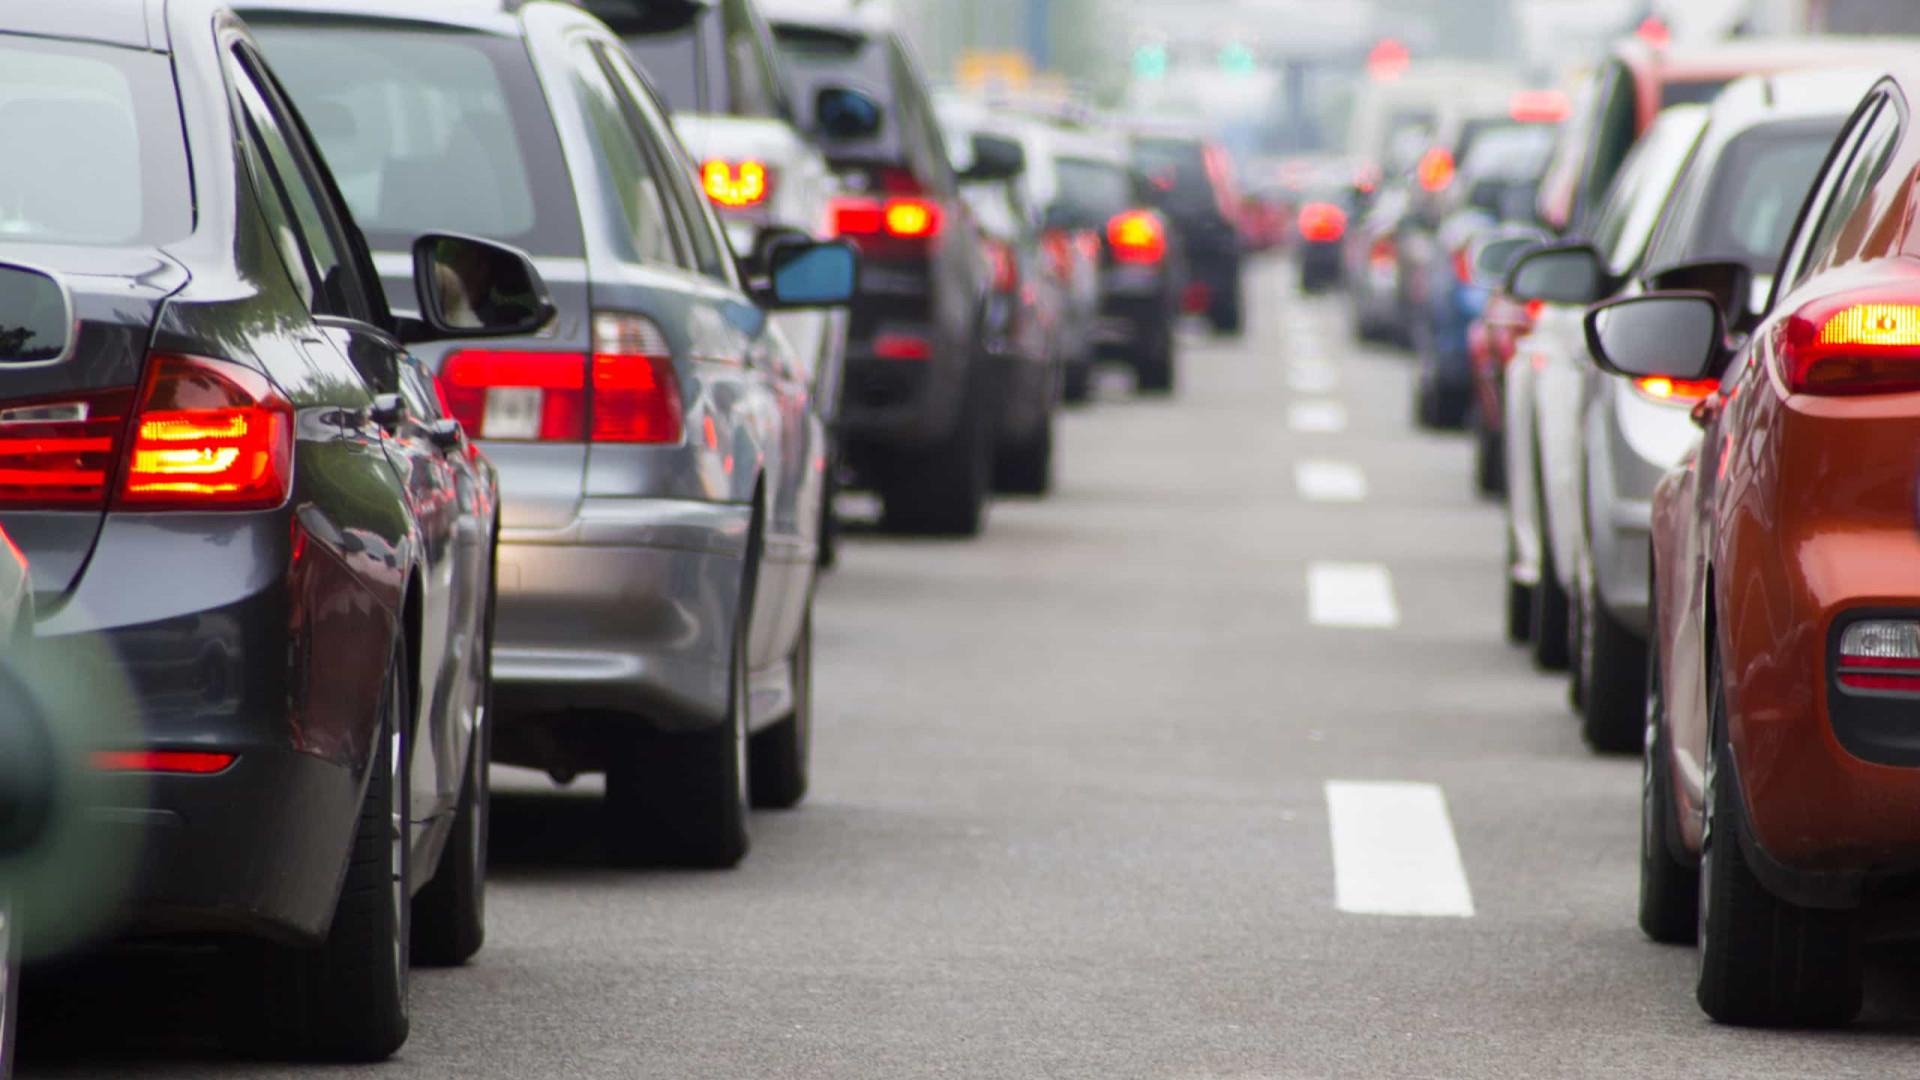 Isolamento reduziu em 11% o número de mortes por acidente de trânsito